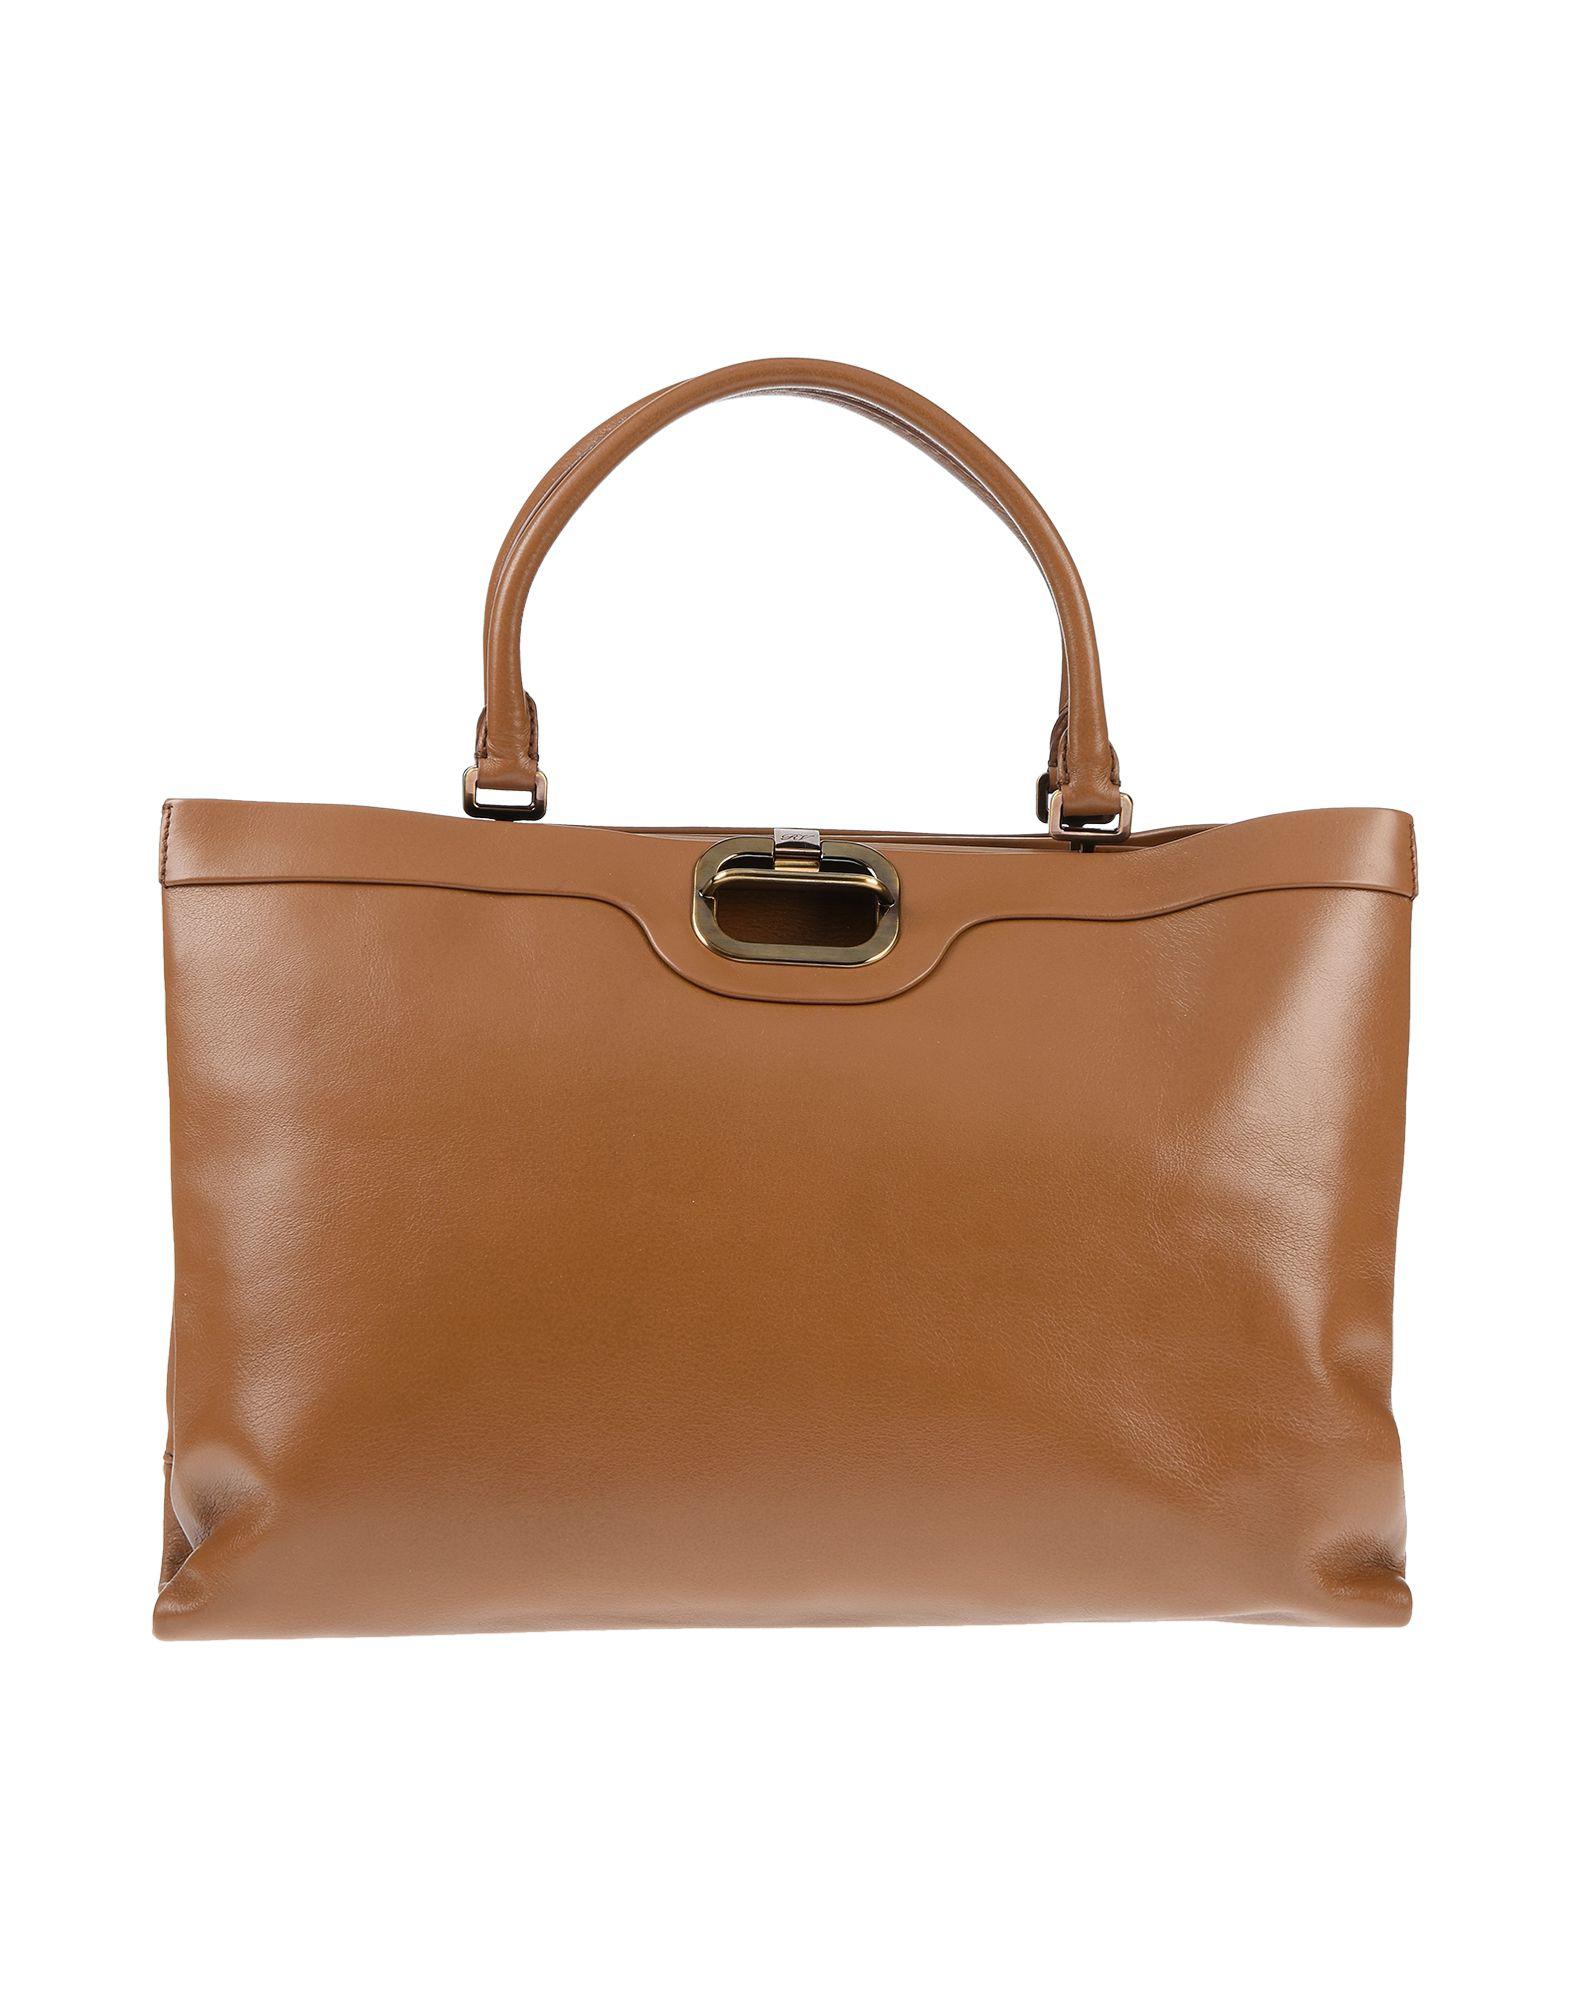 Roger Vivier Handbag In Camel